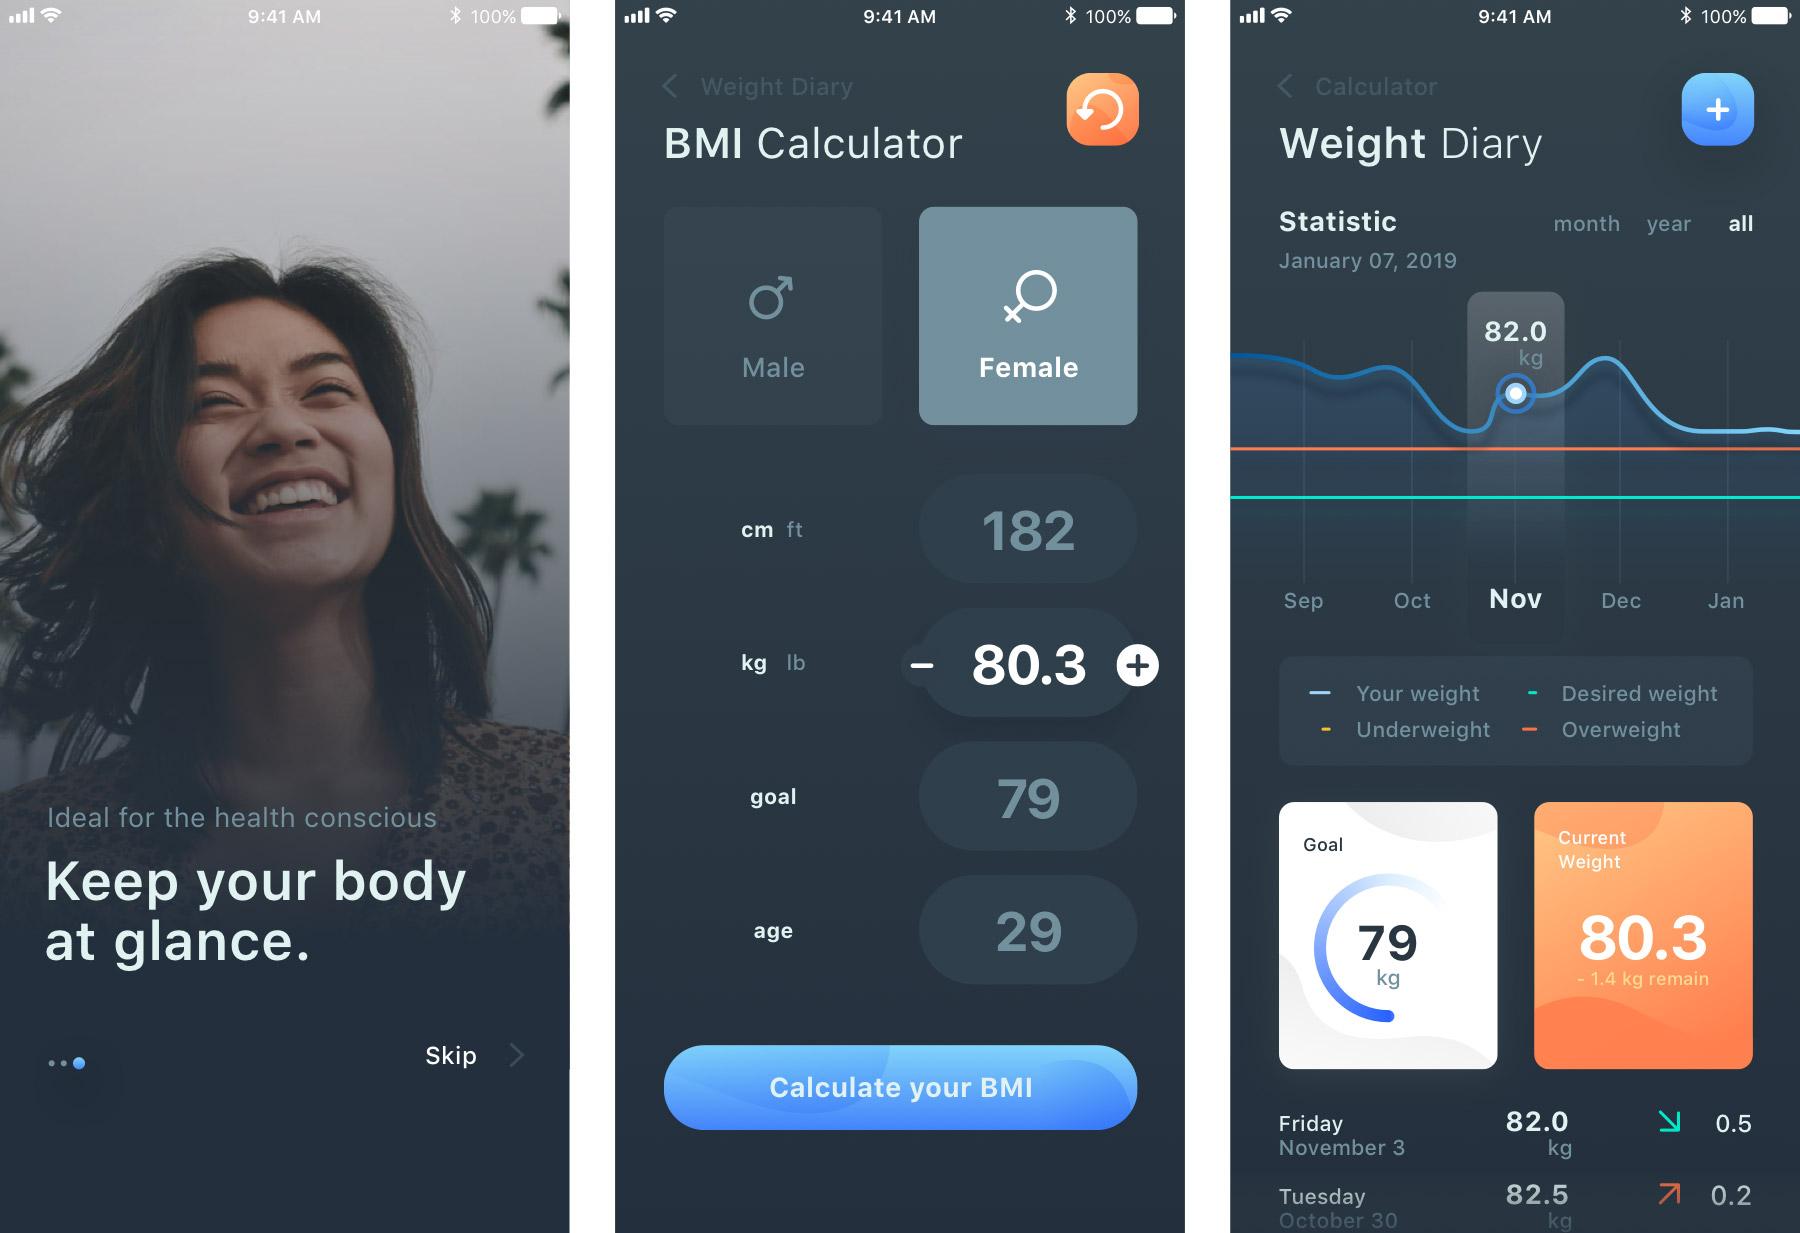 运动健身BMI计算器应用界面设计.sketch素材下载 界面-第1张